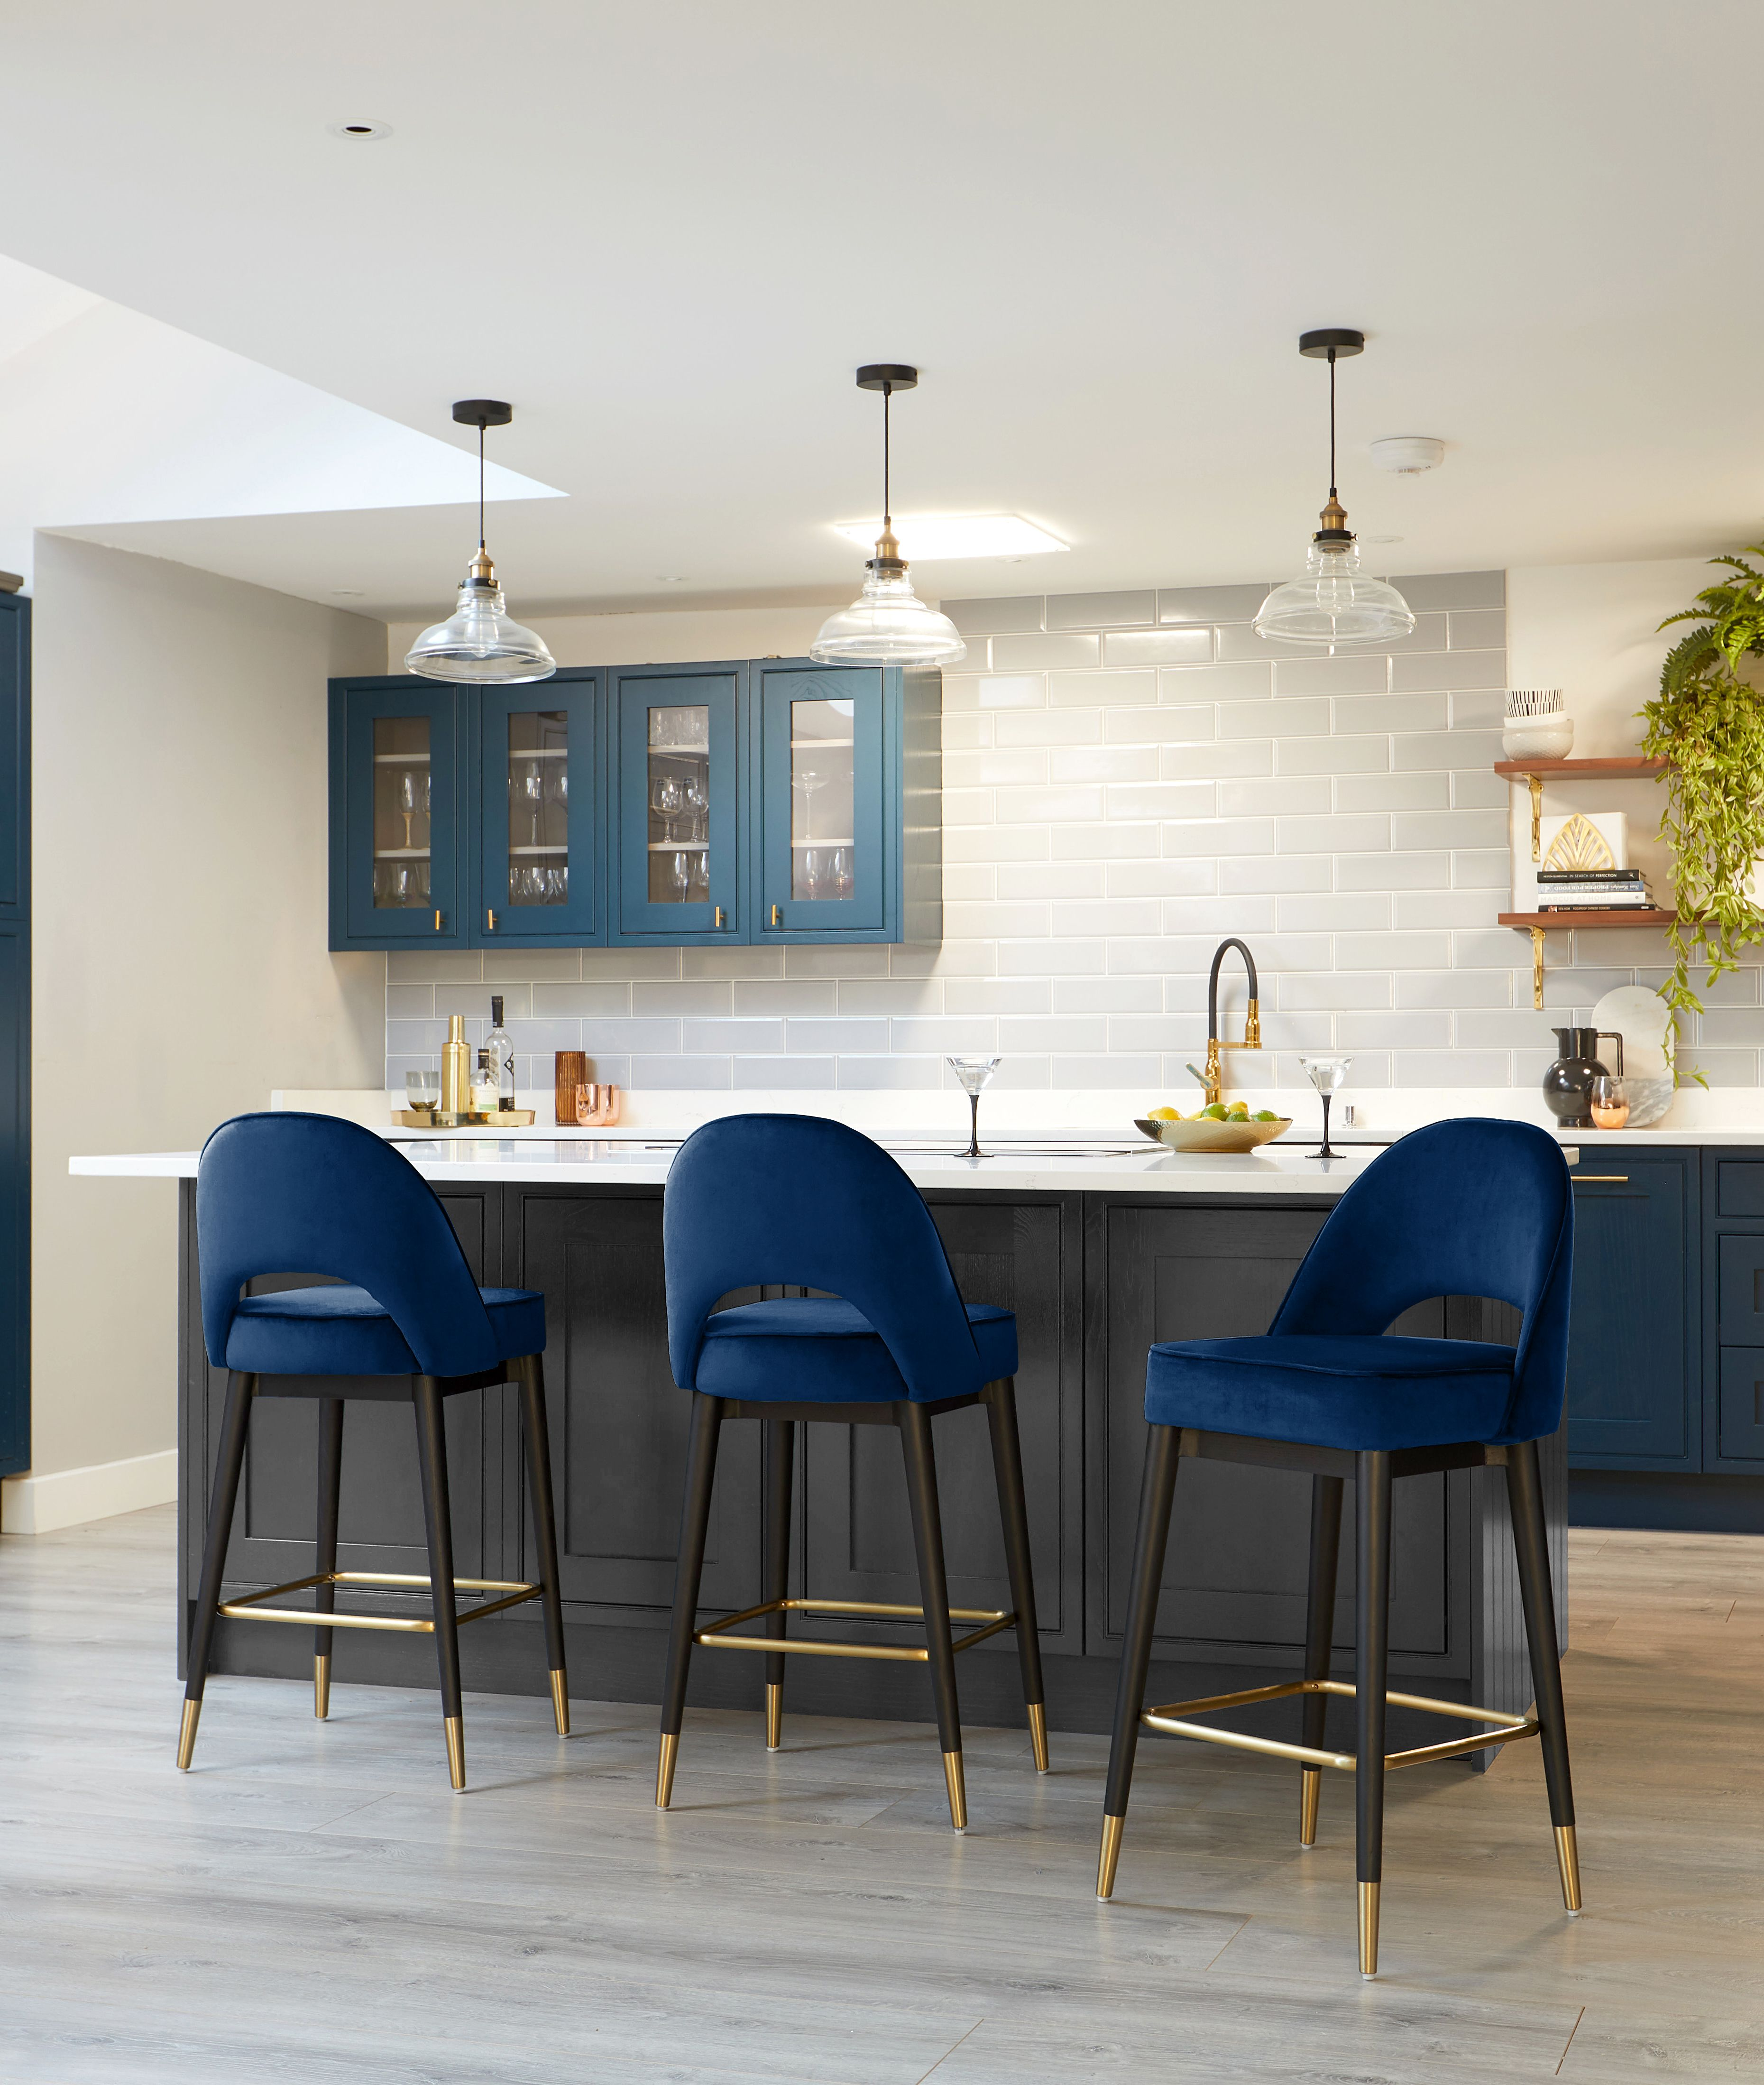 Clover Dark Blue Velvet Bar Stool   Blue bar stools, Bar stools ...